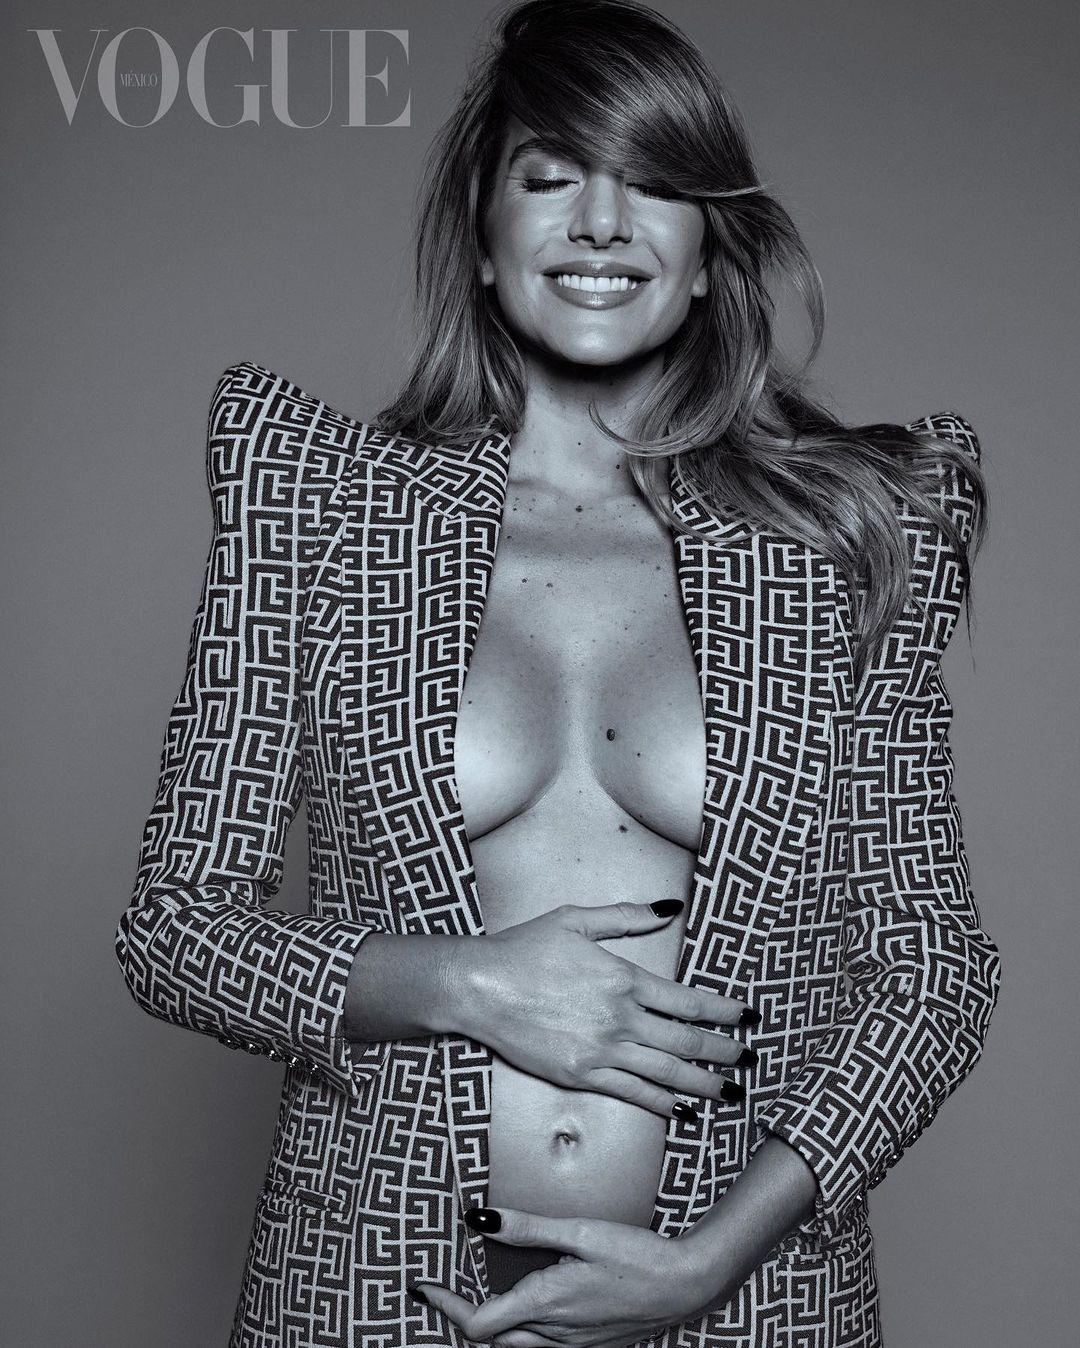 Courtesy Vogue Mexico y Latinoamerica